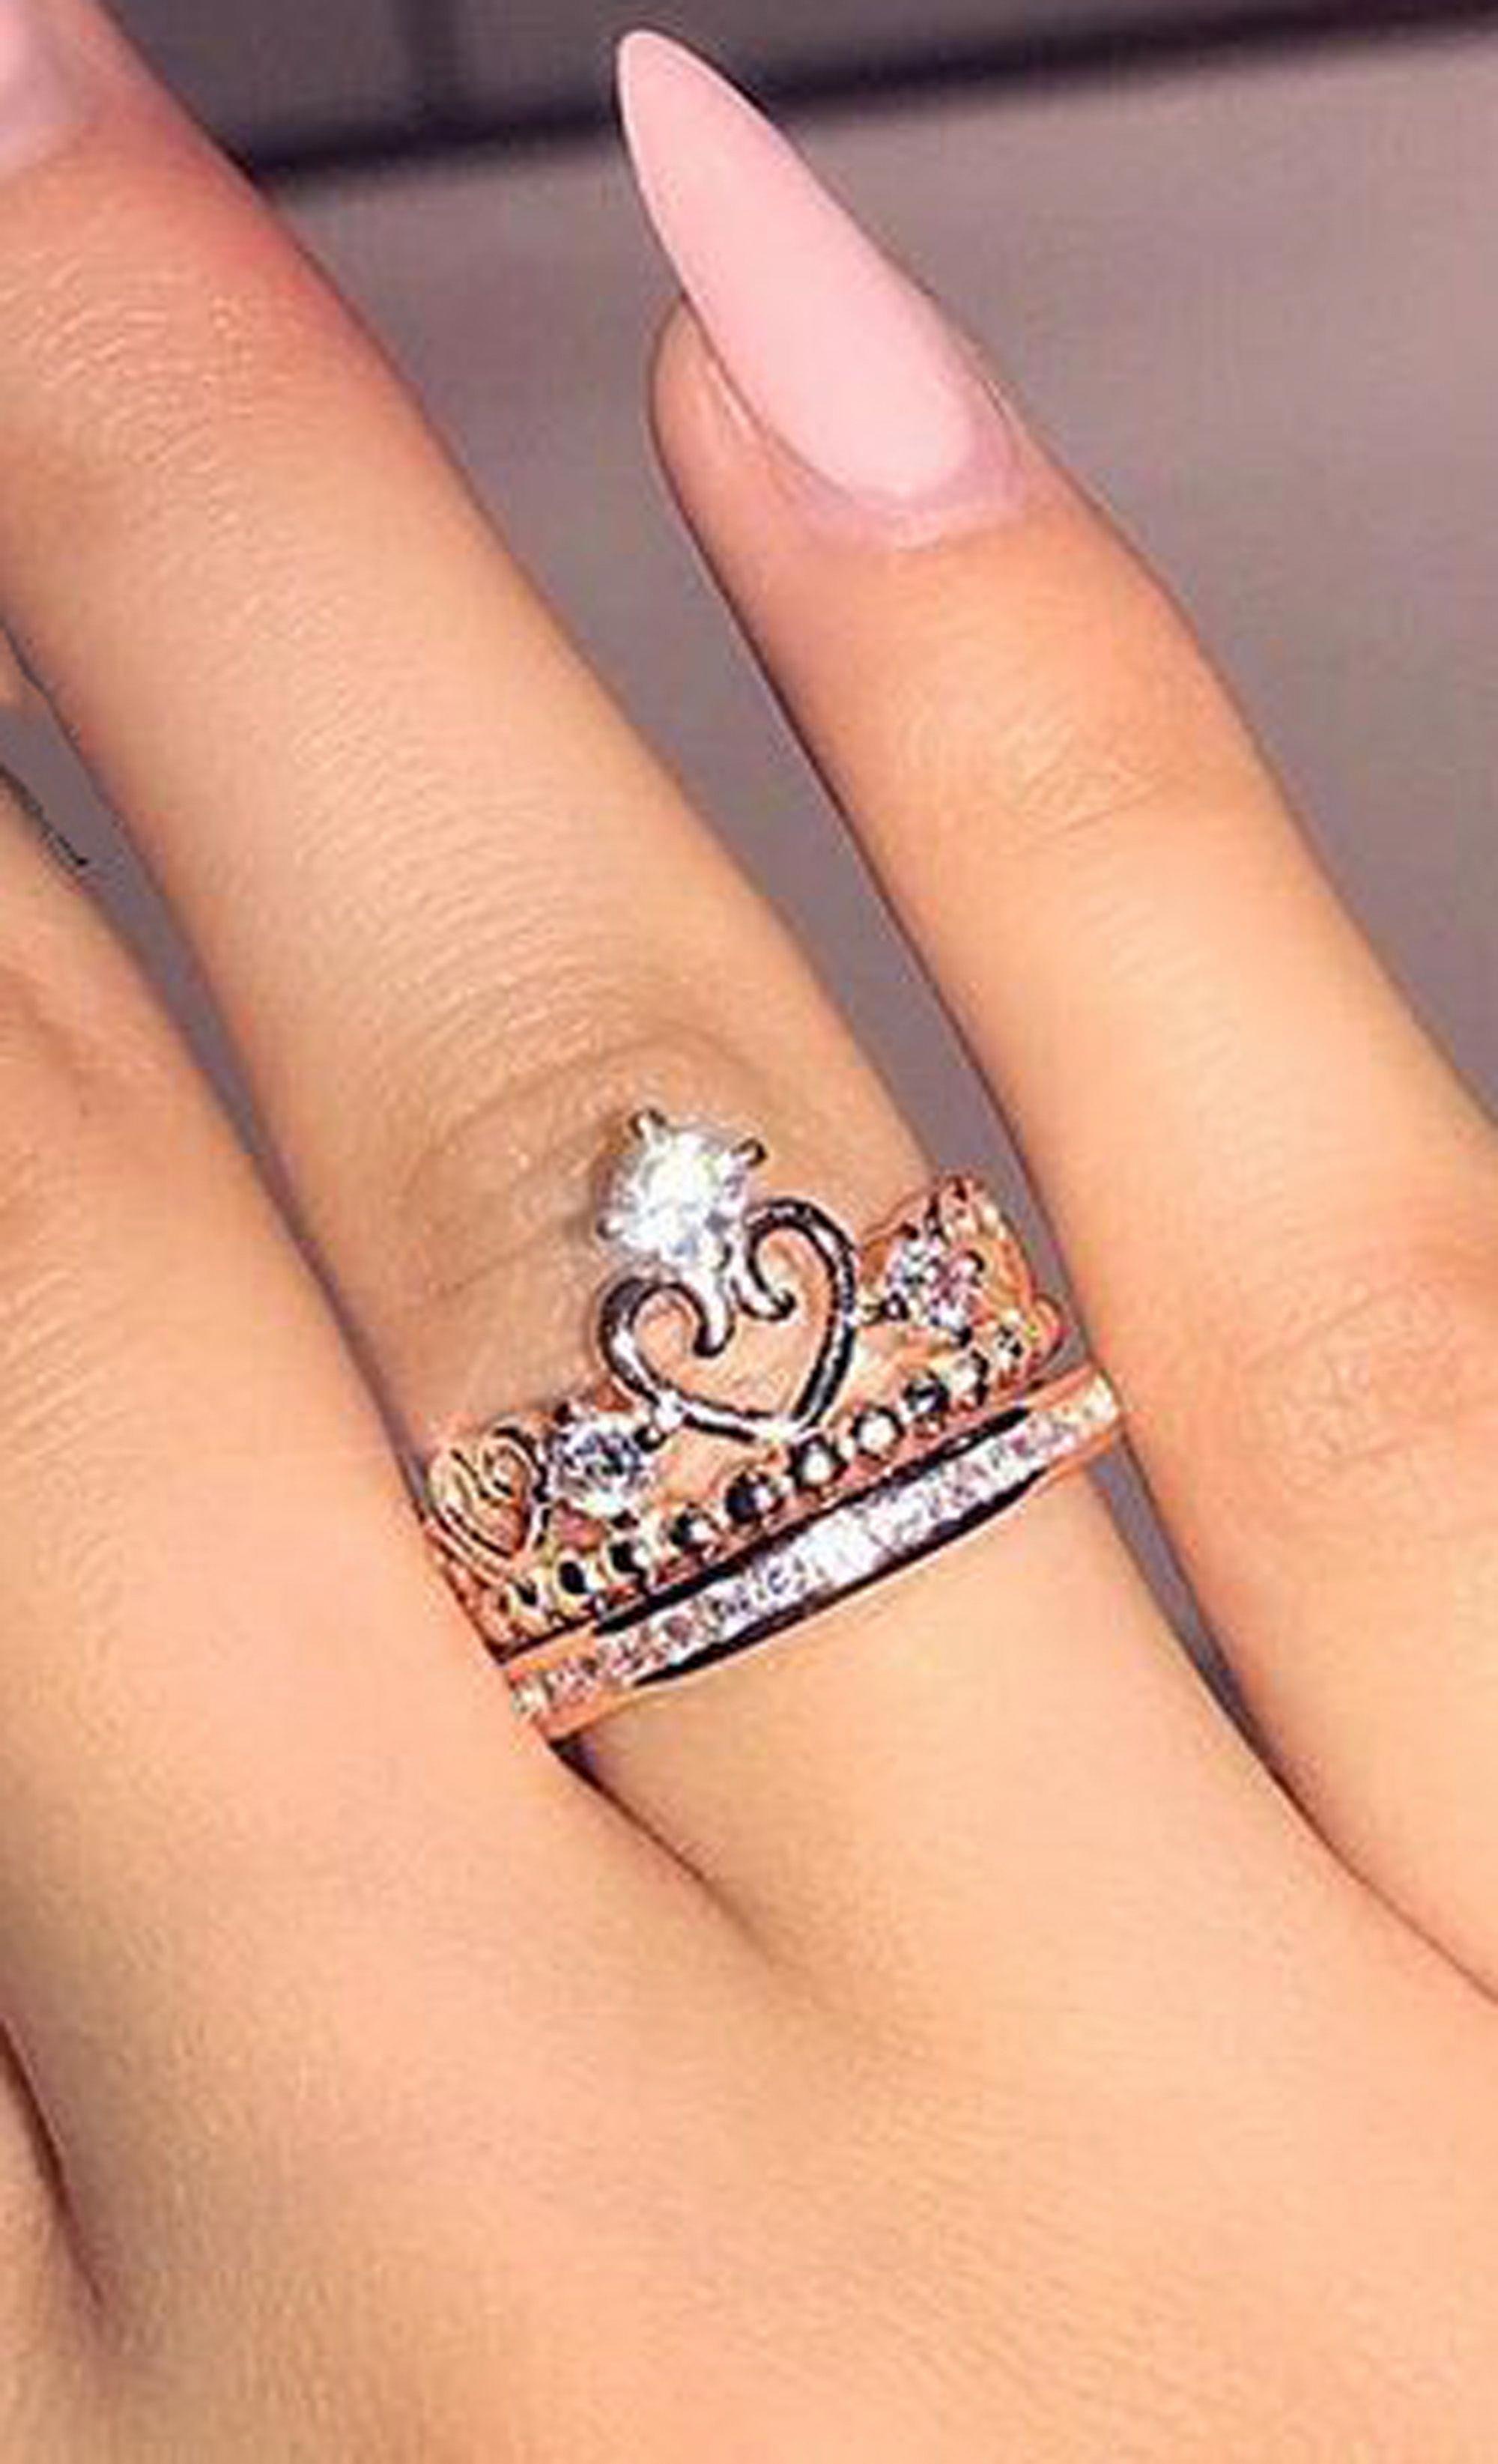 Princess Crown Rings Engagement Wedding Ring Www Jewolite Com Princessrings Crown Ring Princess Crown Engagement Ring Wedding Rings Engagement